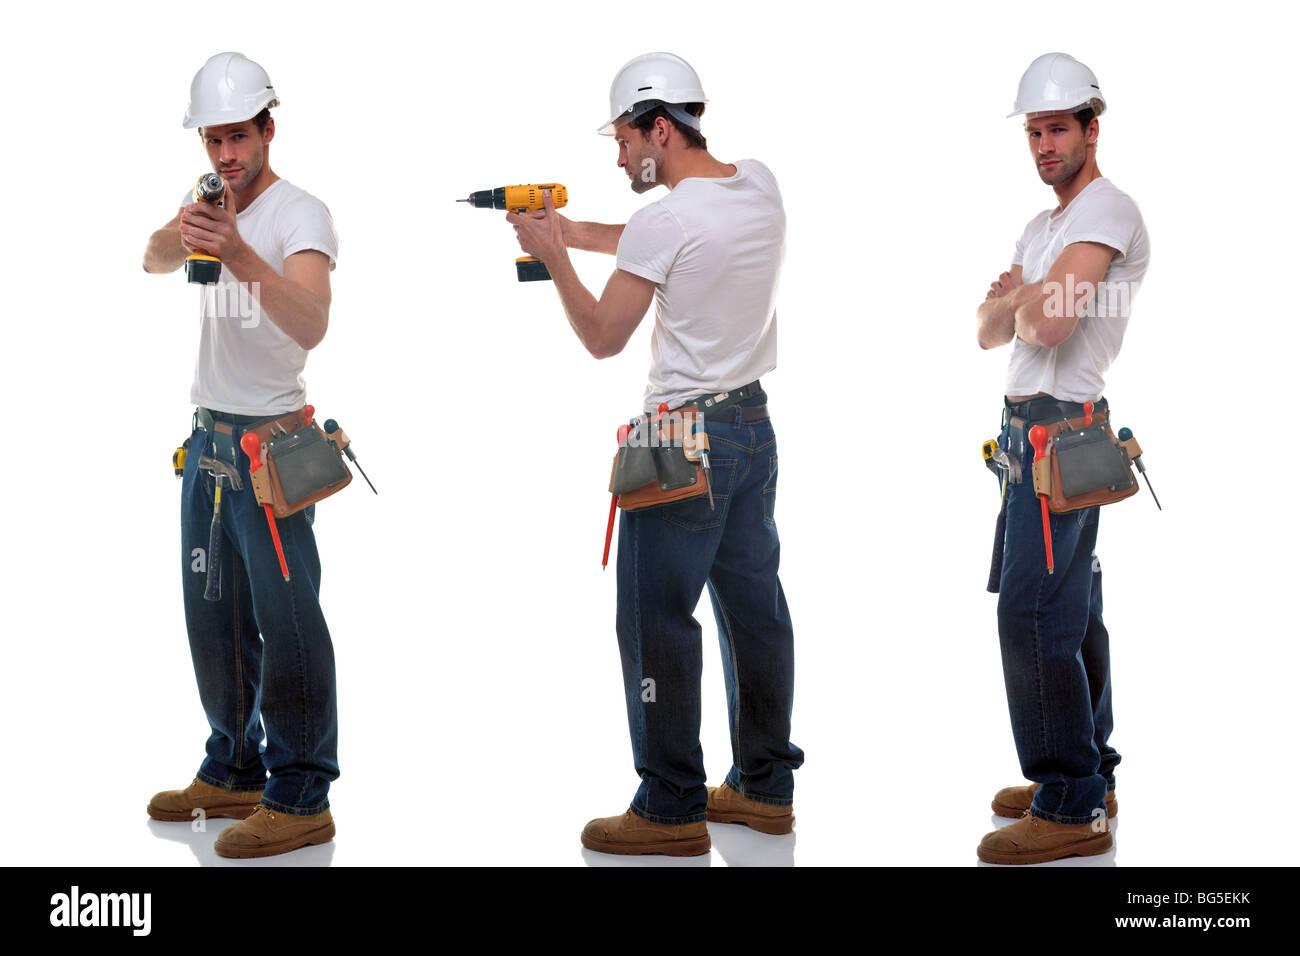 Drei Schüsse eines Erbauers in verschiedenen Posen, einen Hut Werkzeug Gürtel und Sicherheit, isoliert Stockbild